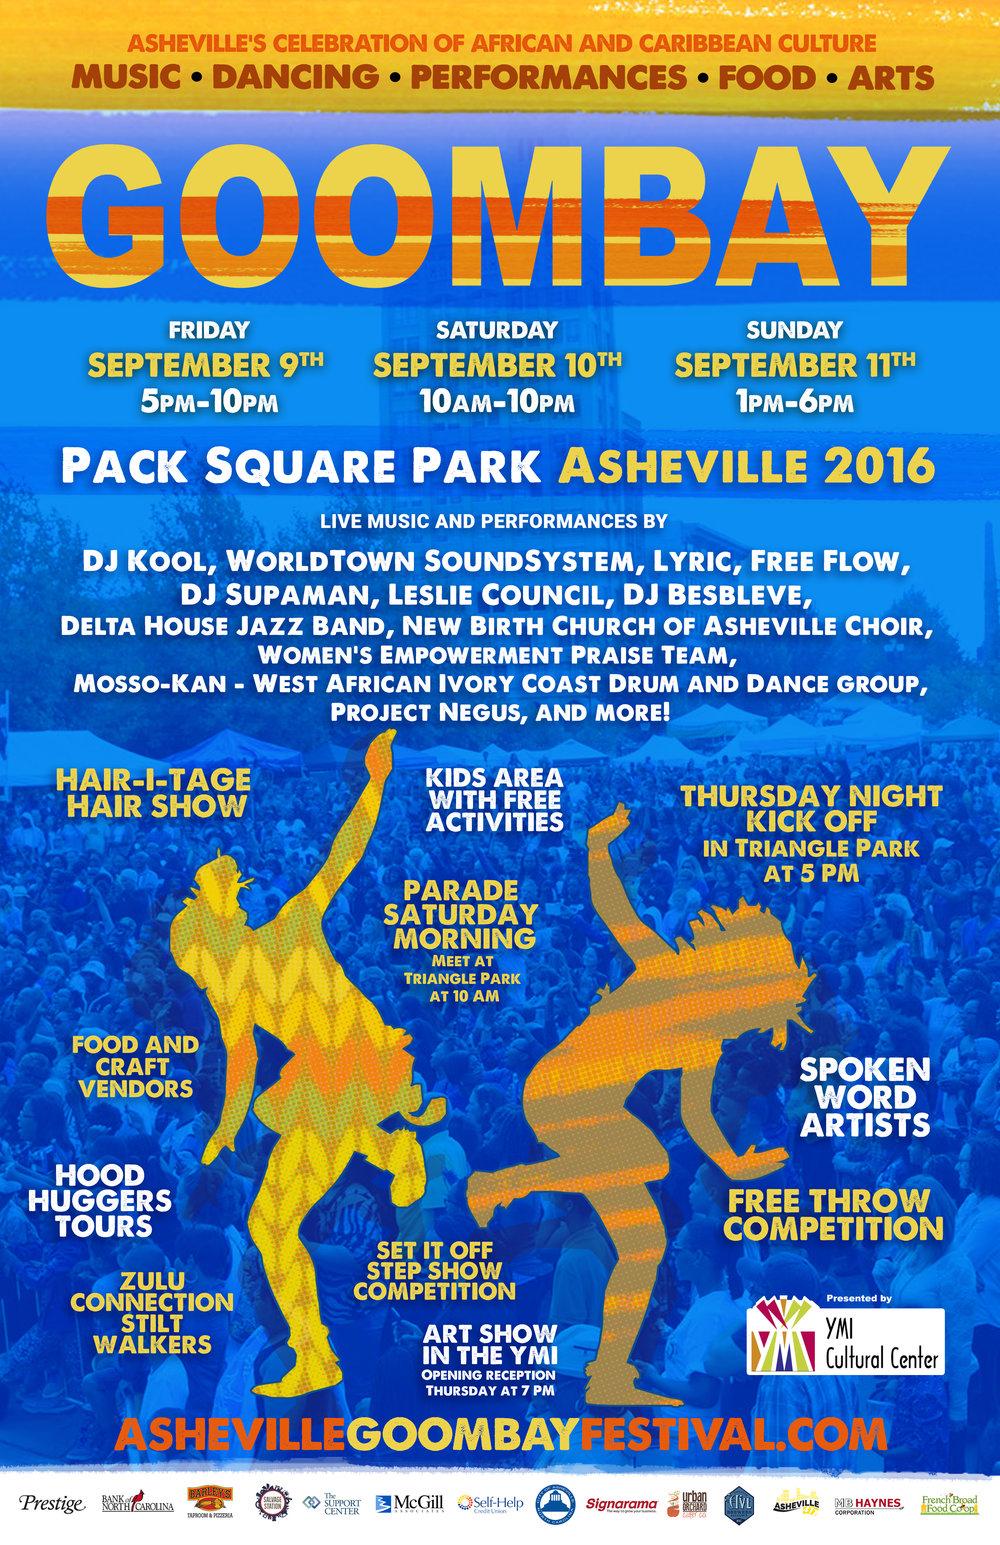 AshevilleGoombayFestival2016.jpg